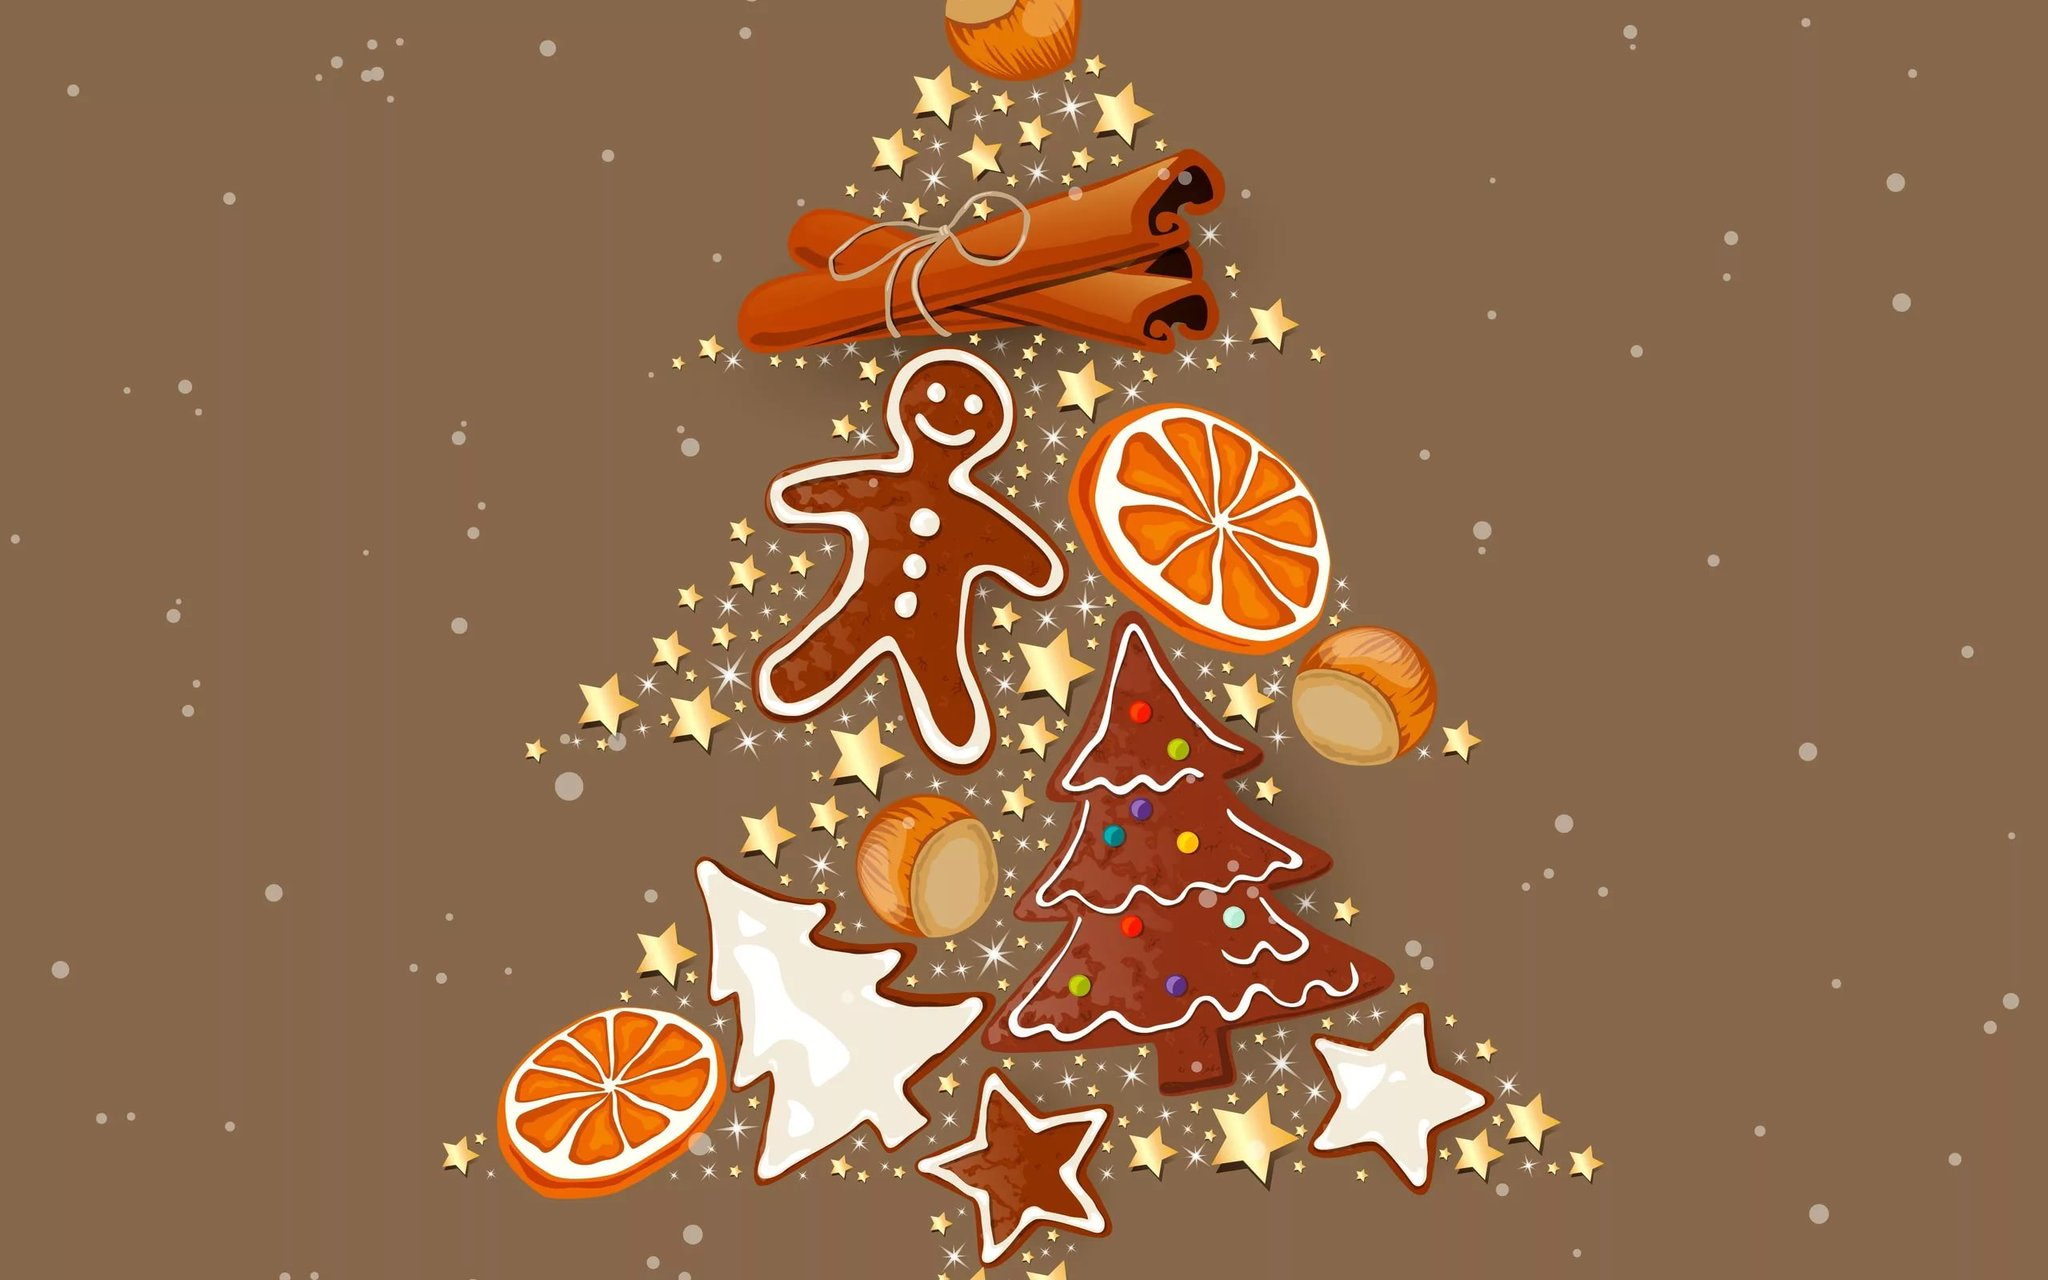 Дизайнерские открытки с новым годом и рождеством, днем